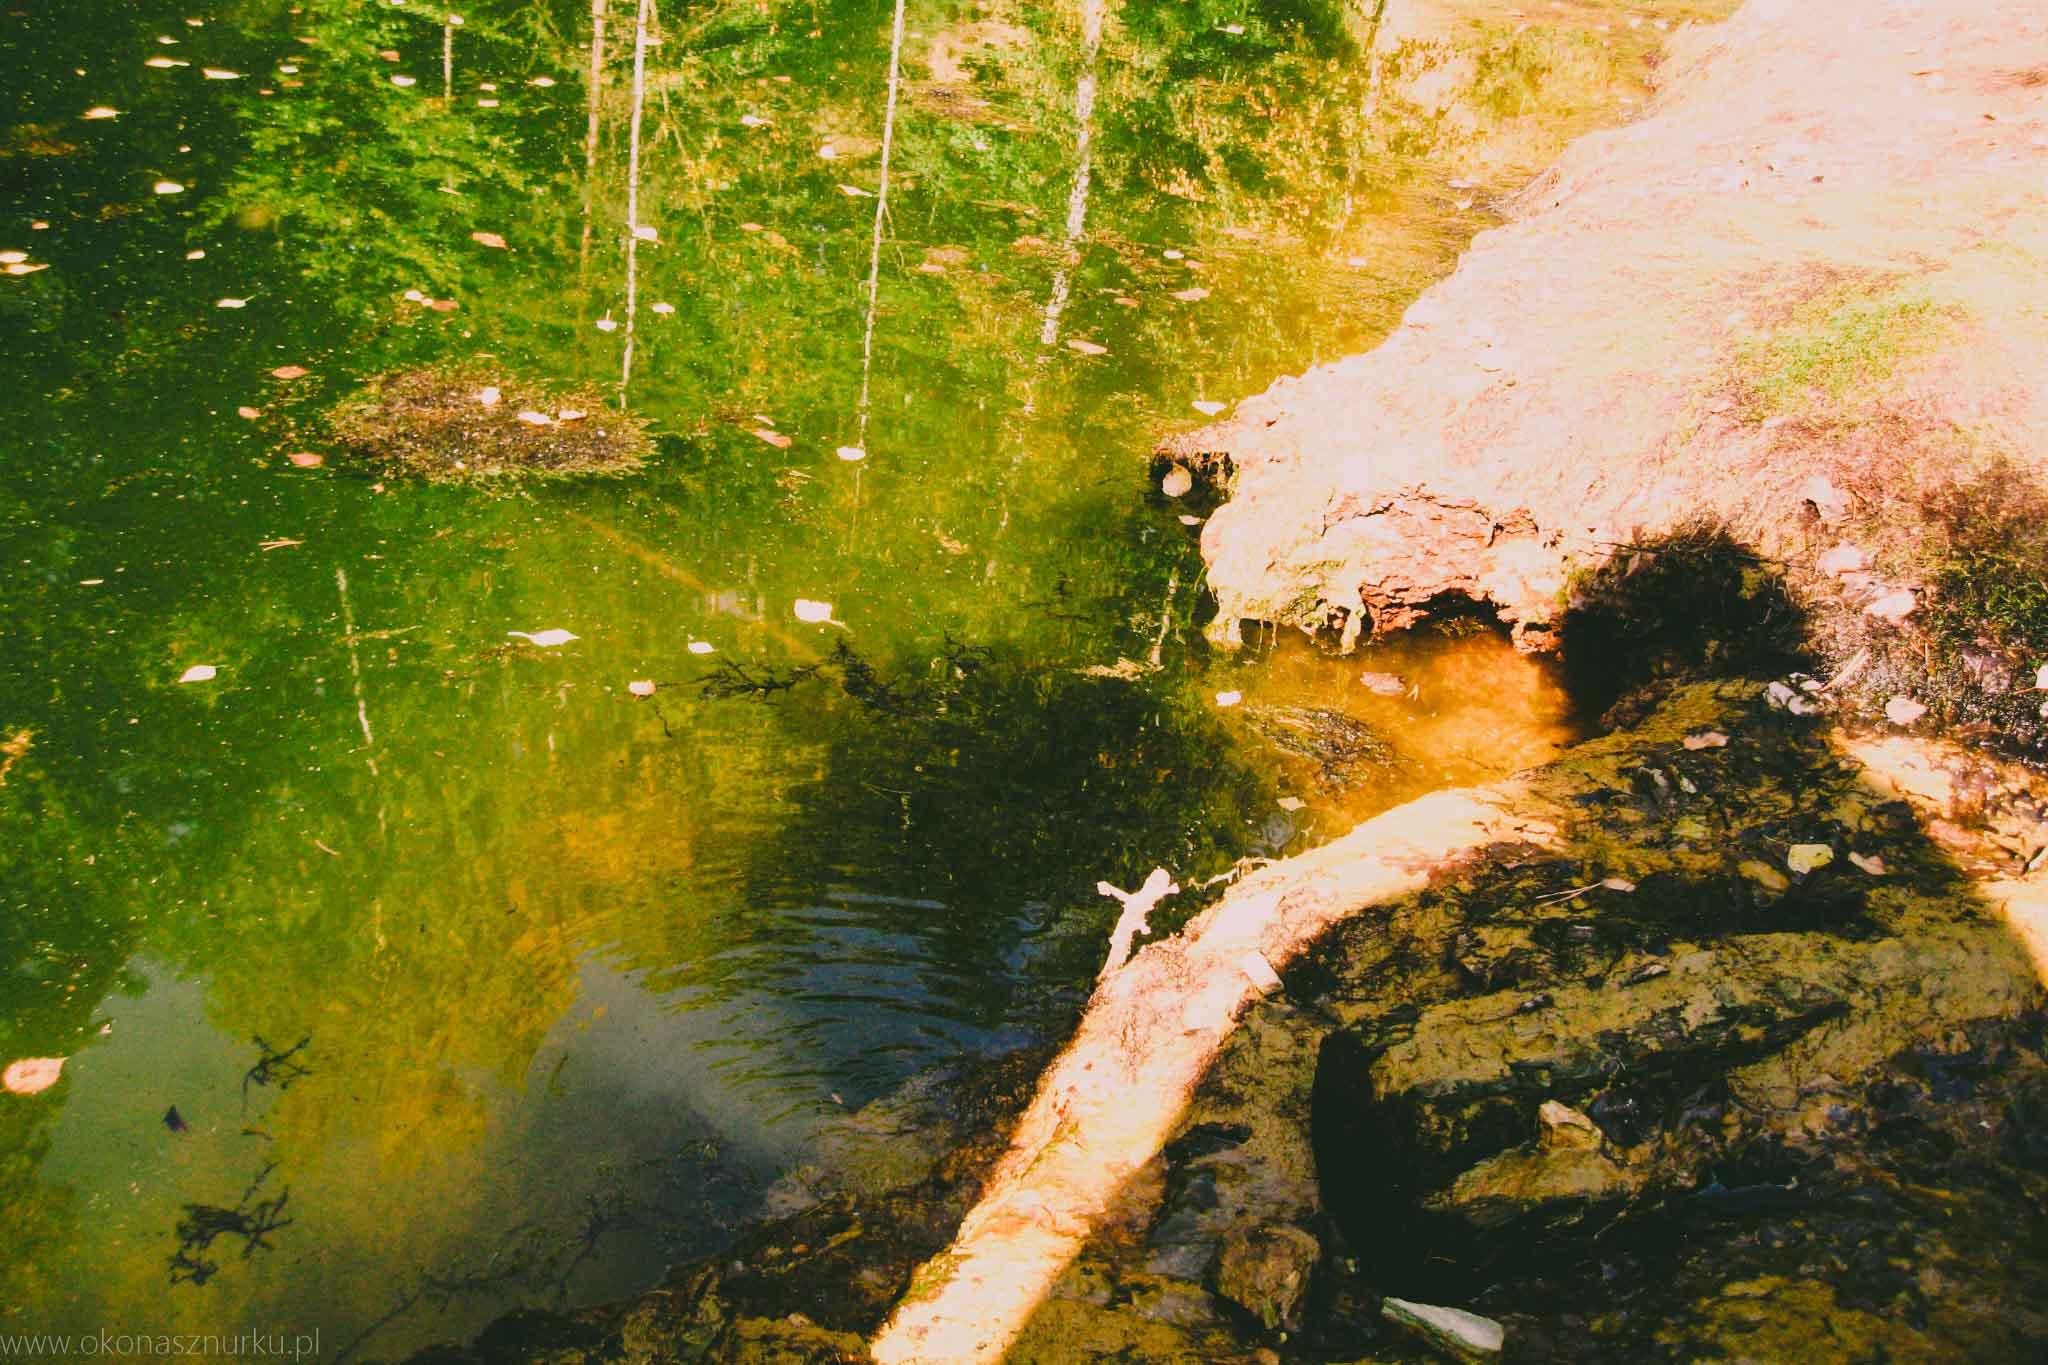 zdjecia-kolorowe-jeziorka-rudawy-janowickie-fotografia (4)